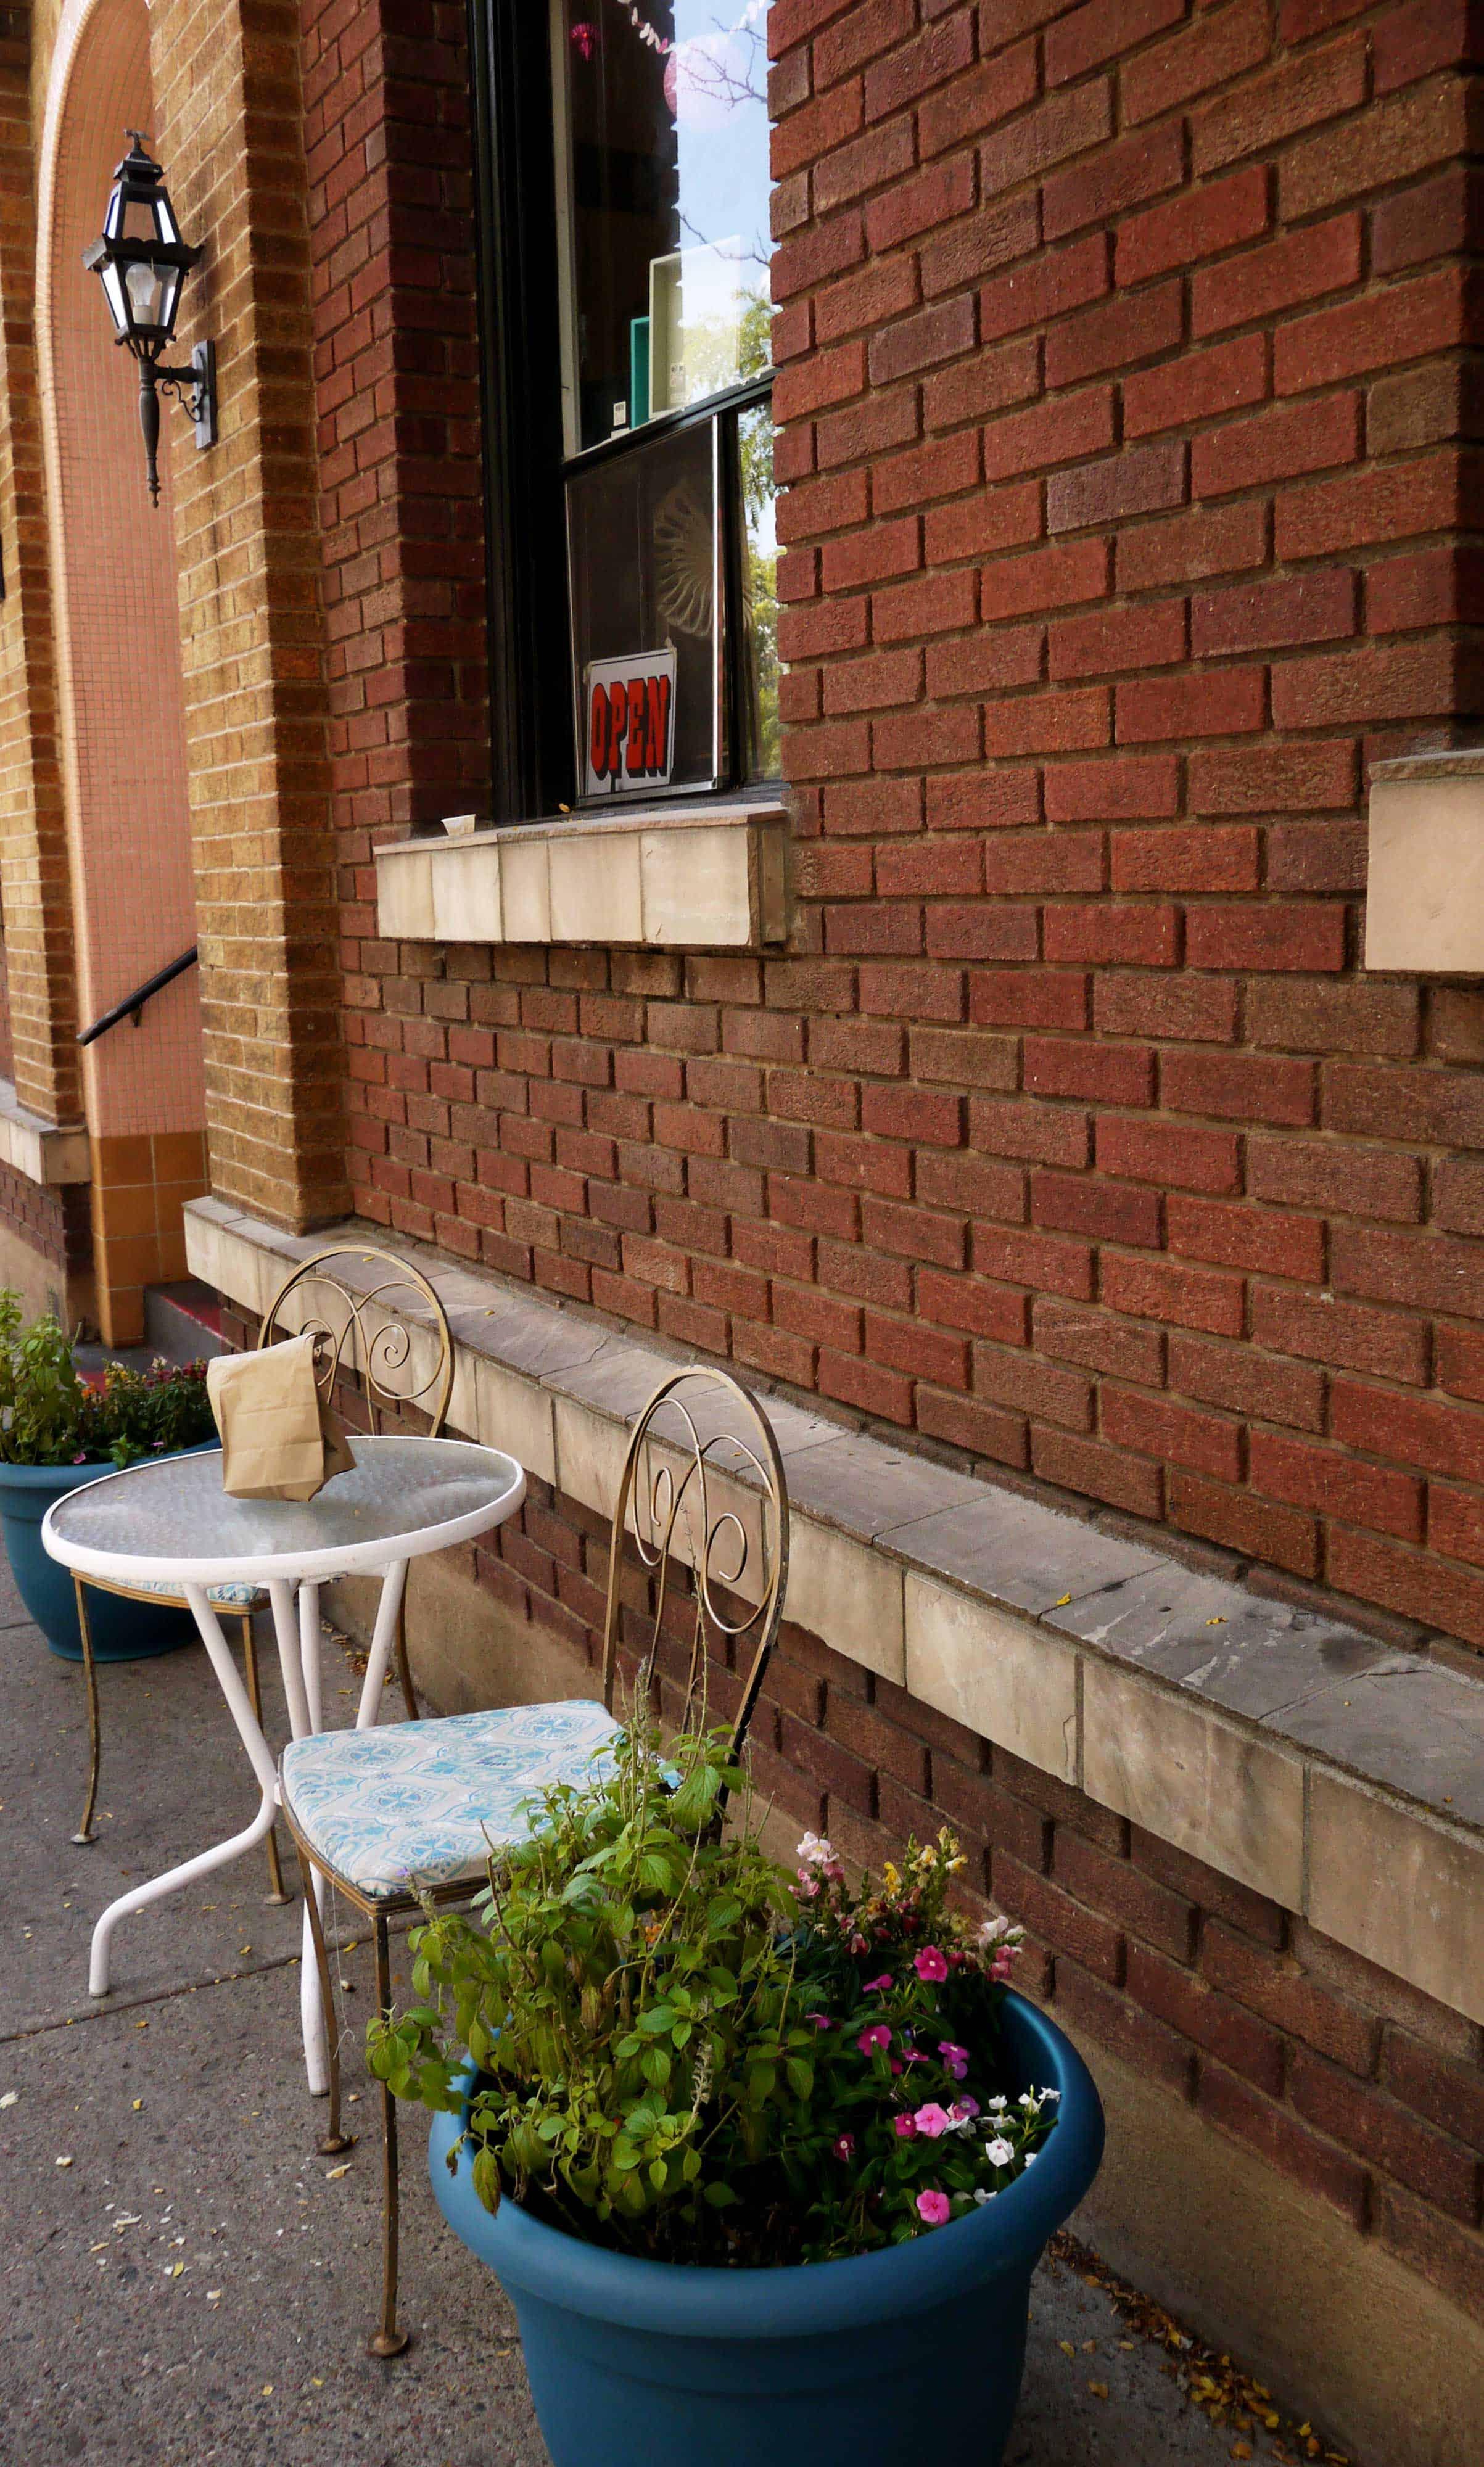 Stühle und Tisch vor Bäckerei